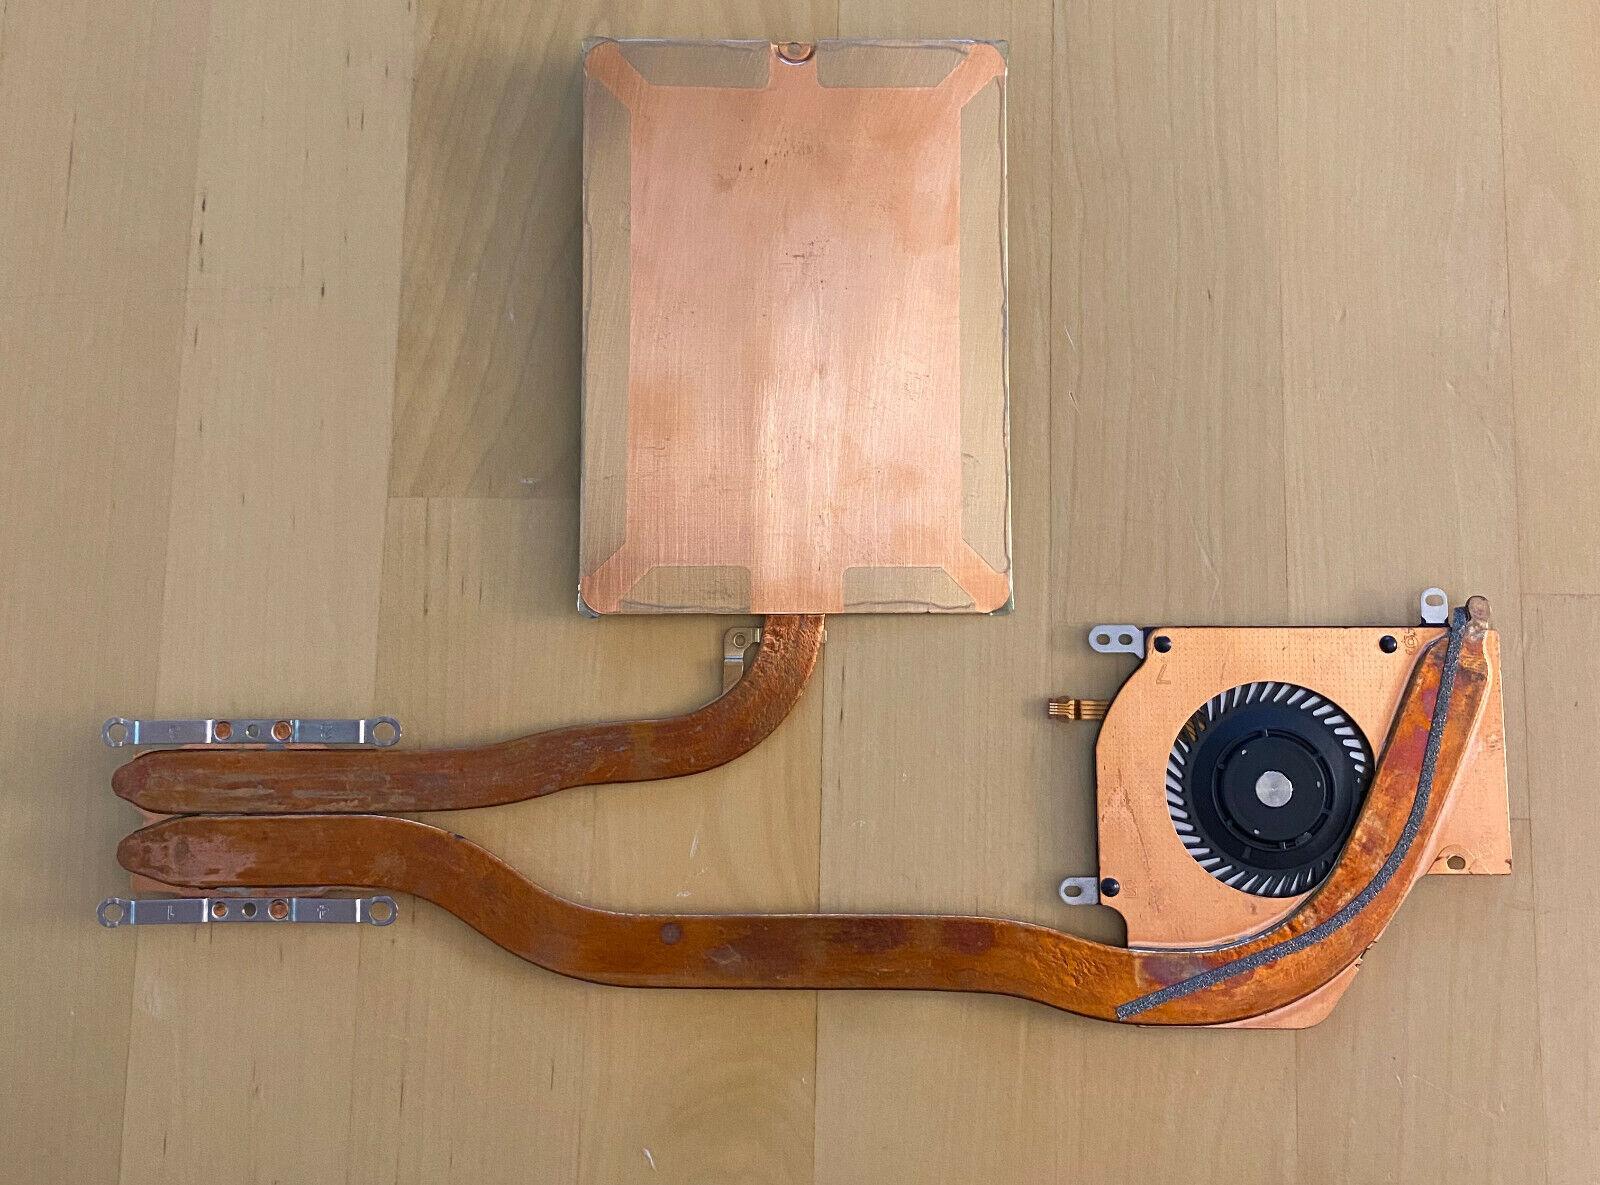 Microsoft surface pro 4 1724 - radiateur + ventilateur nidec - cc131k06